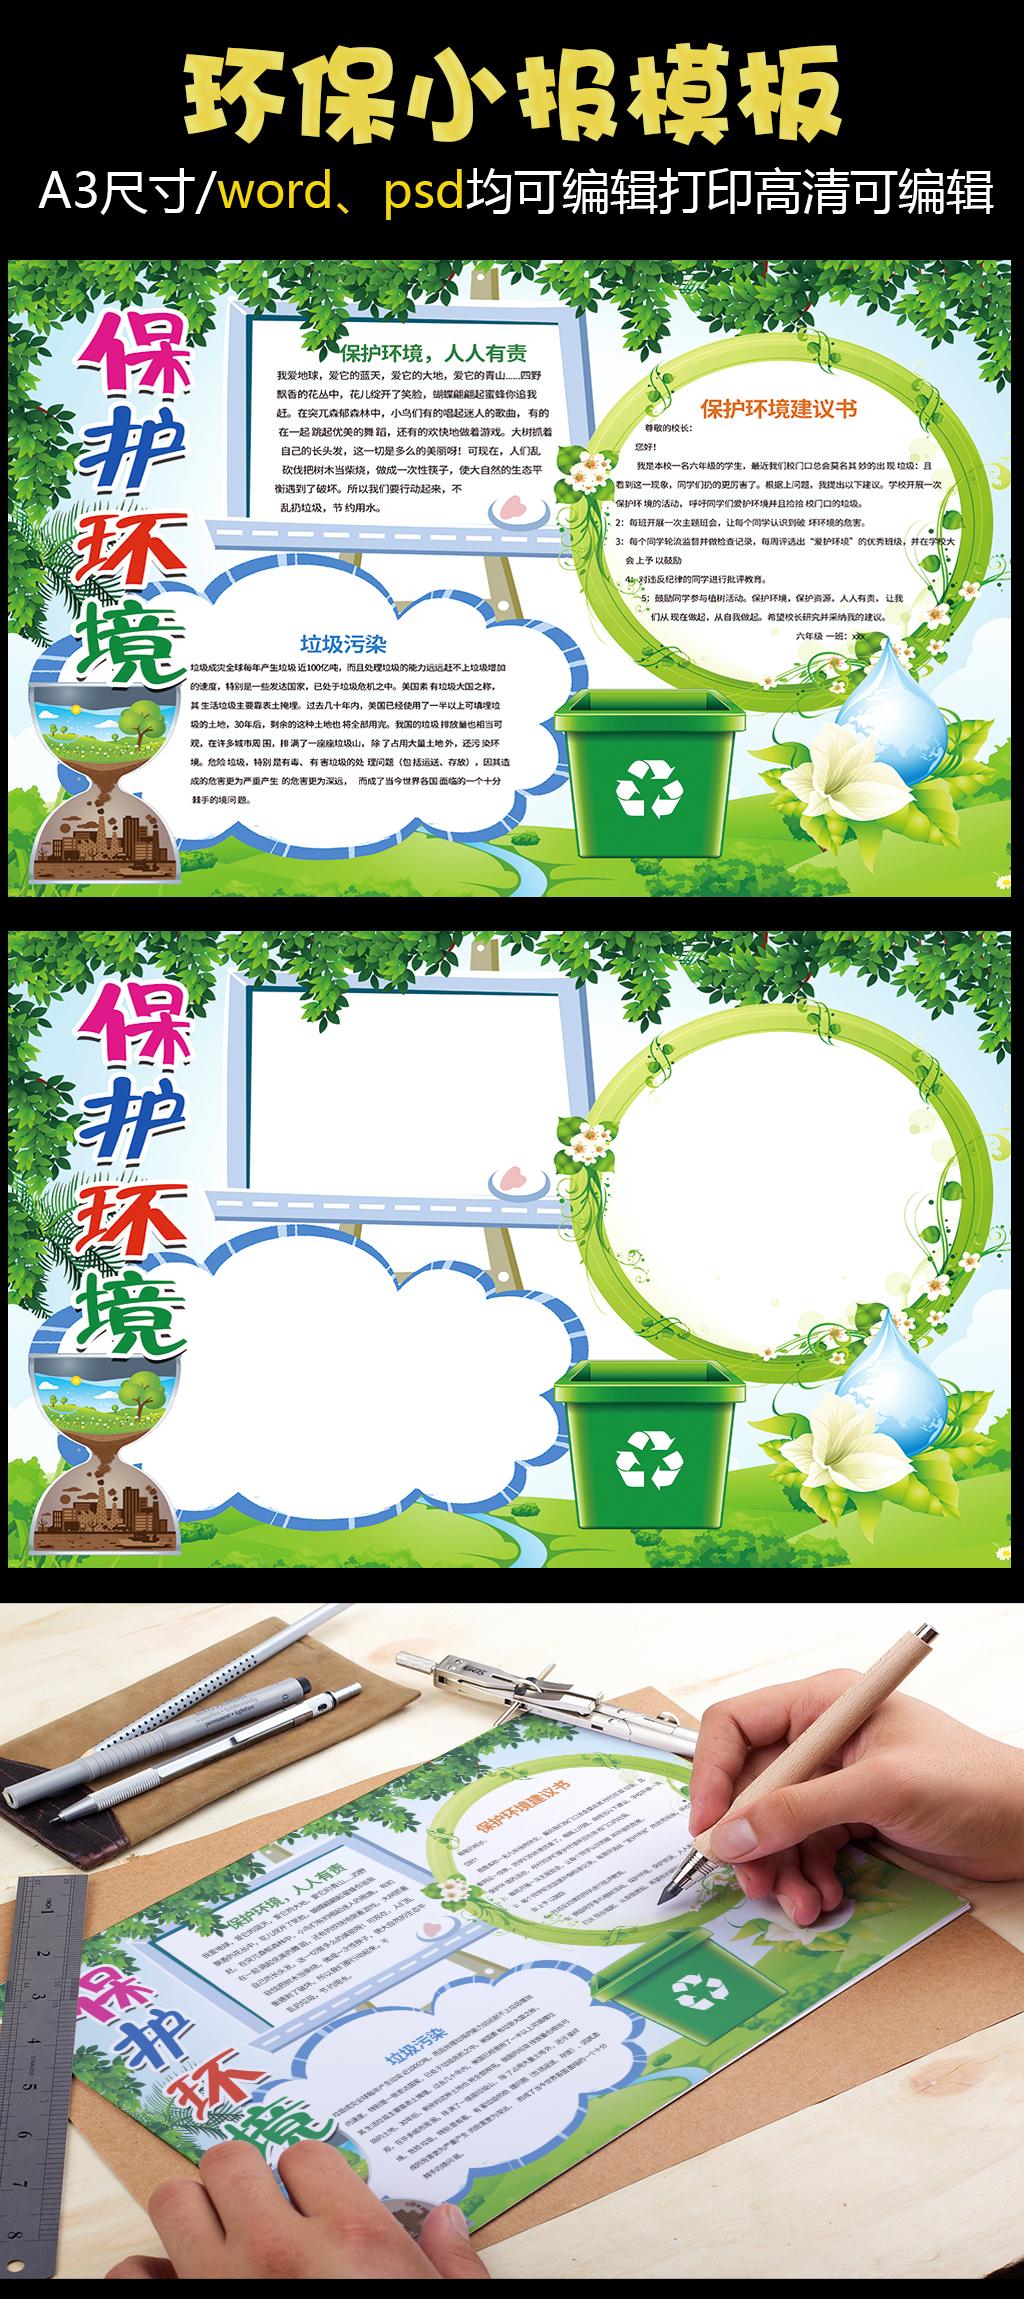 保护环境低碳出行小报背景花边模板